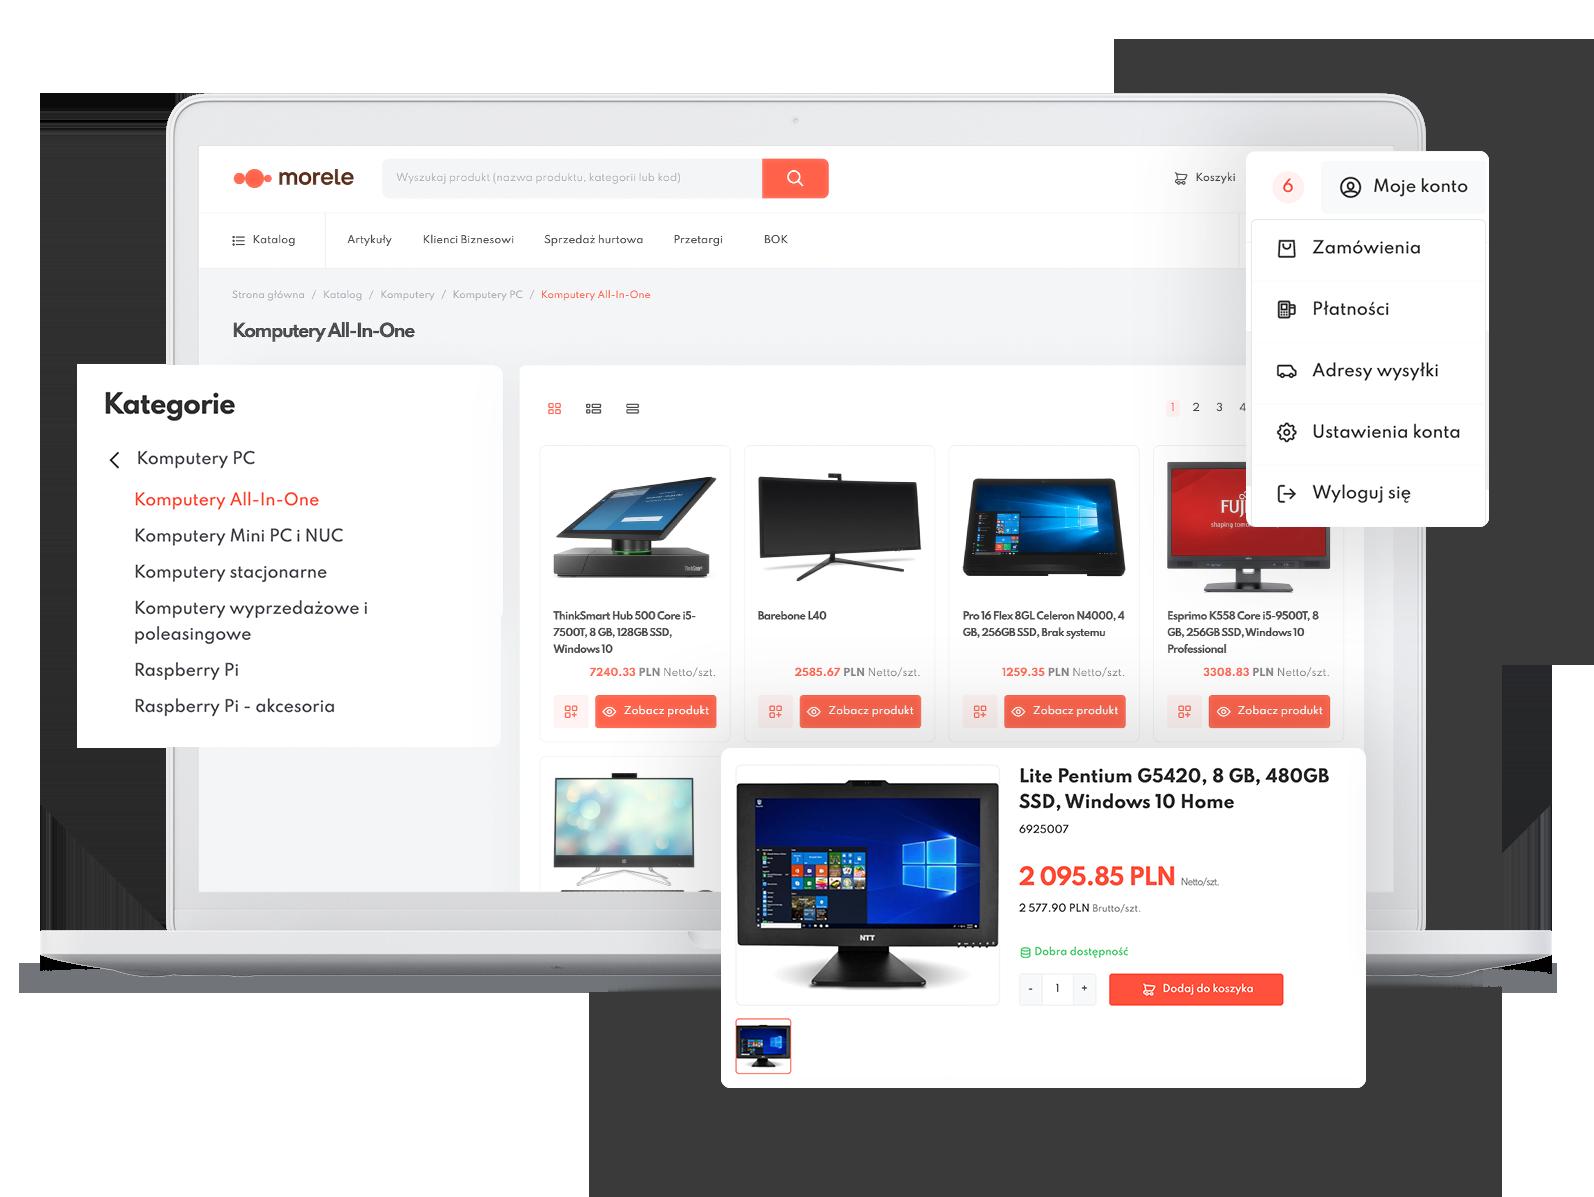 Platforma biznesowa dla lidera polskiego rynku e-commerce z segmentu dystrybucji elektroniki użytkowej